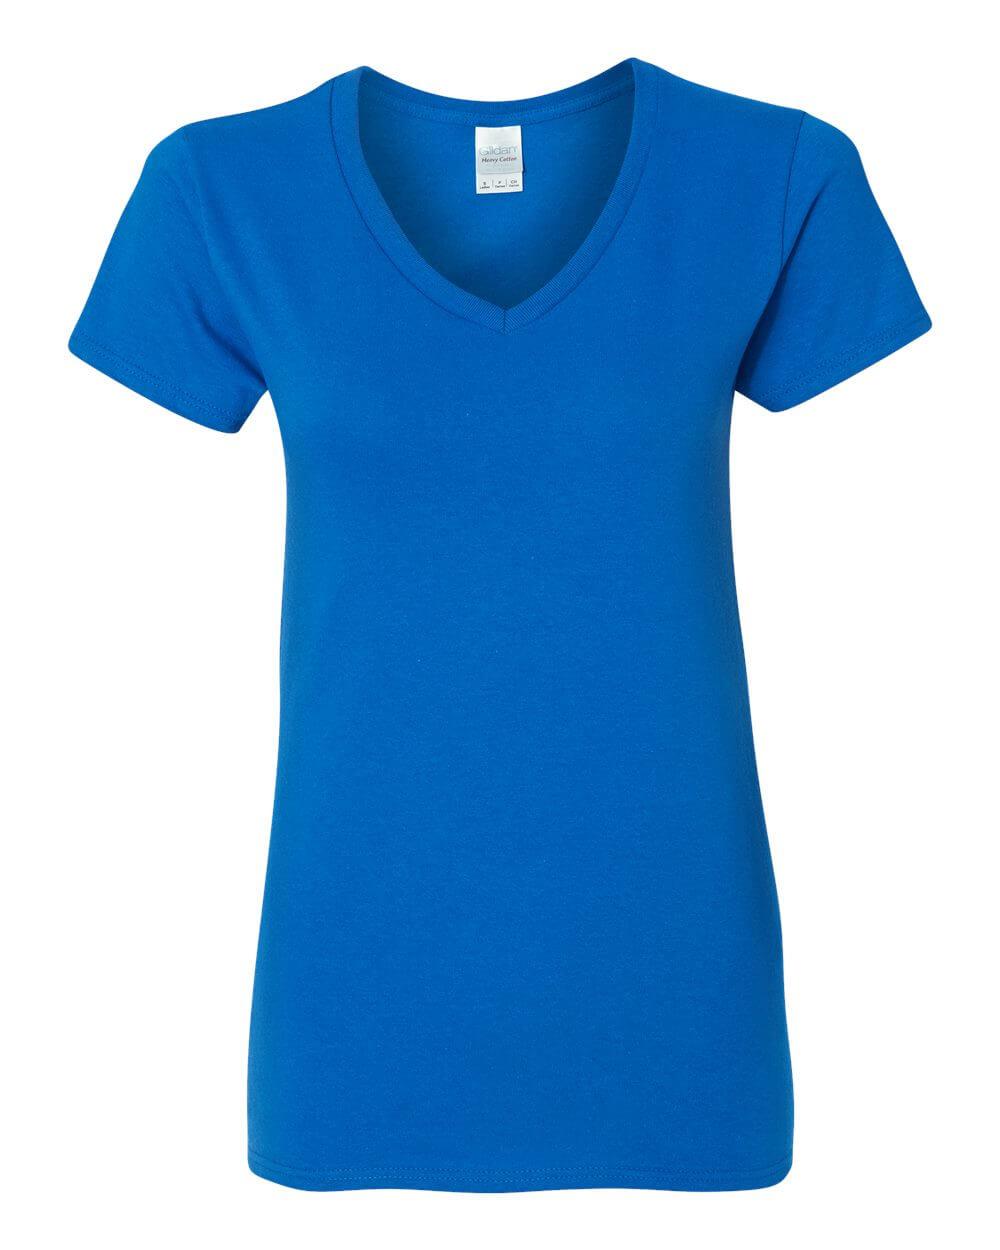 Gildan_5V00L_Royal Blue Custom T Shirts